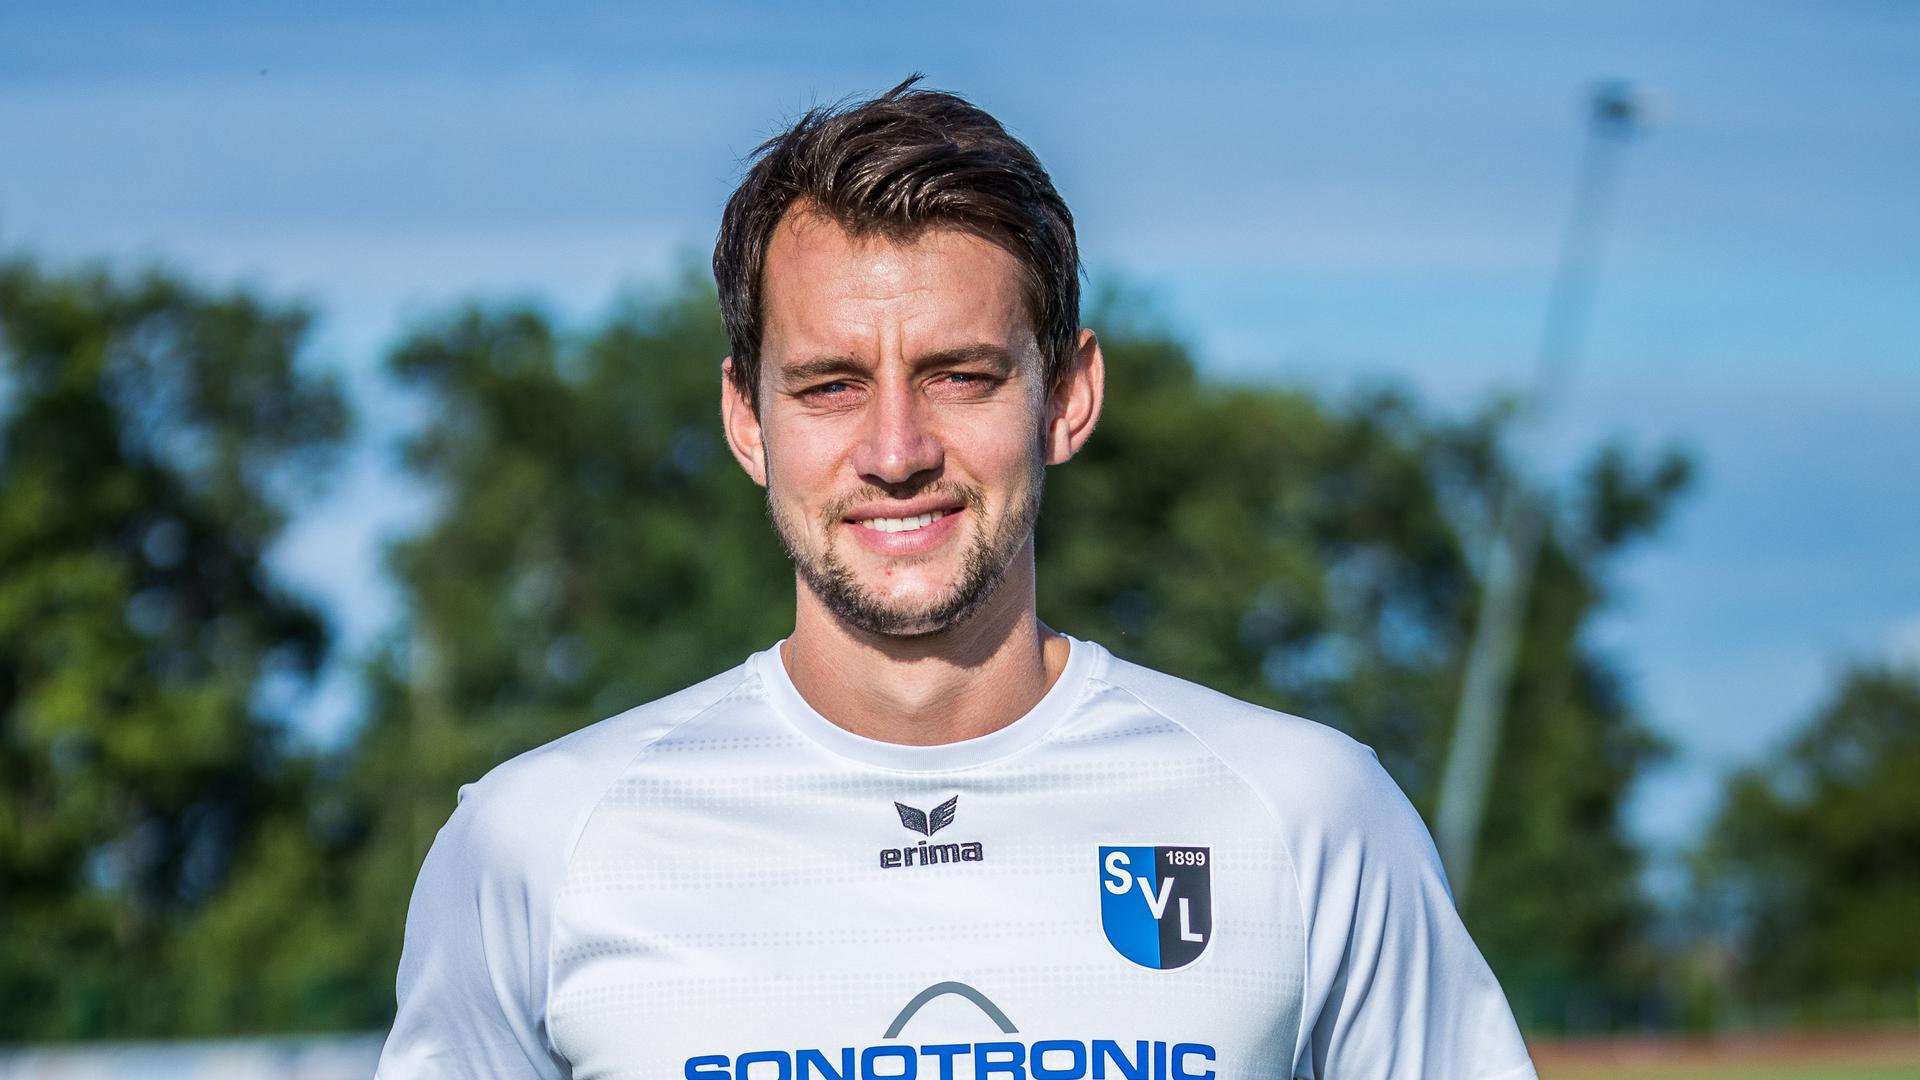 Marius Mößner (Trainer, Sv Langensteinbach)  GES/ Fussball/ Trainer und Neuzugaenge SV Langensteinbach, 11.07.2019